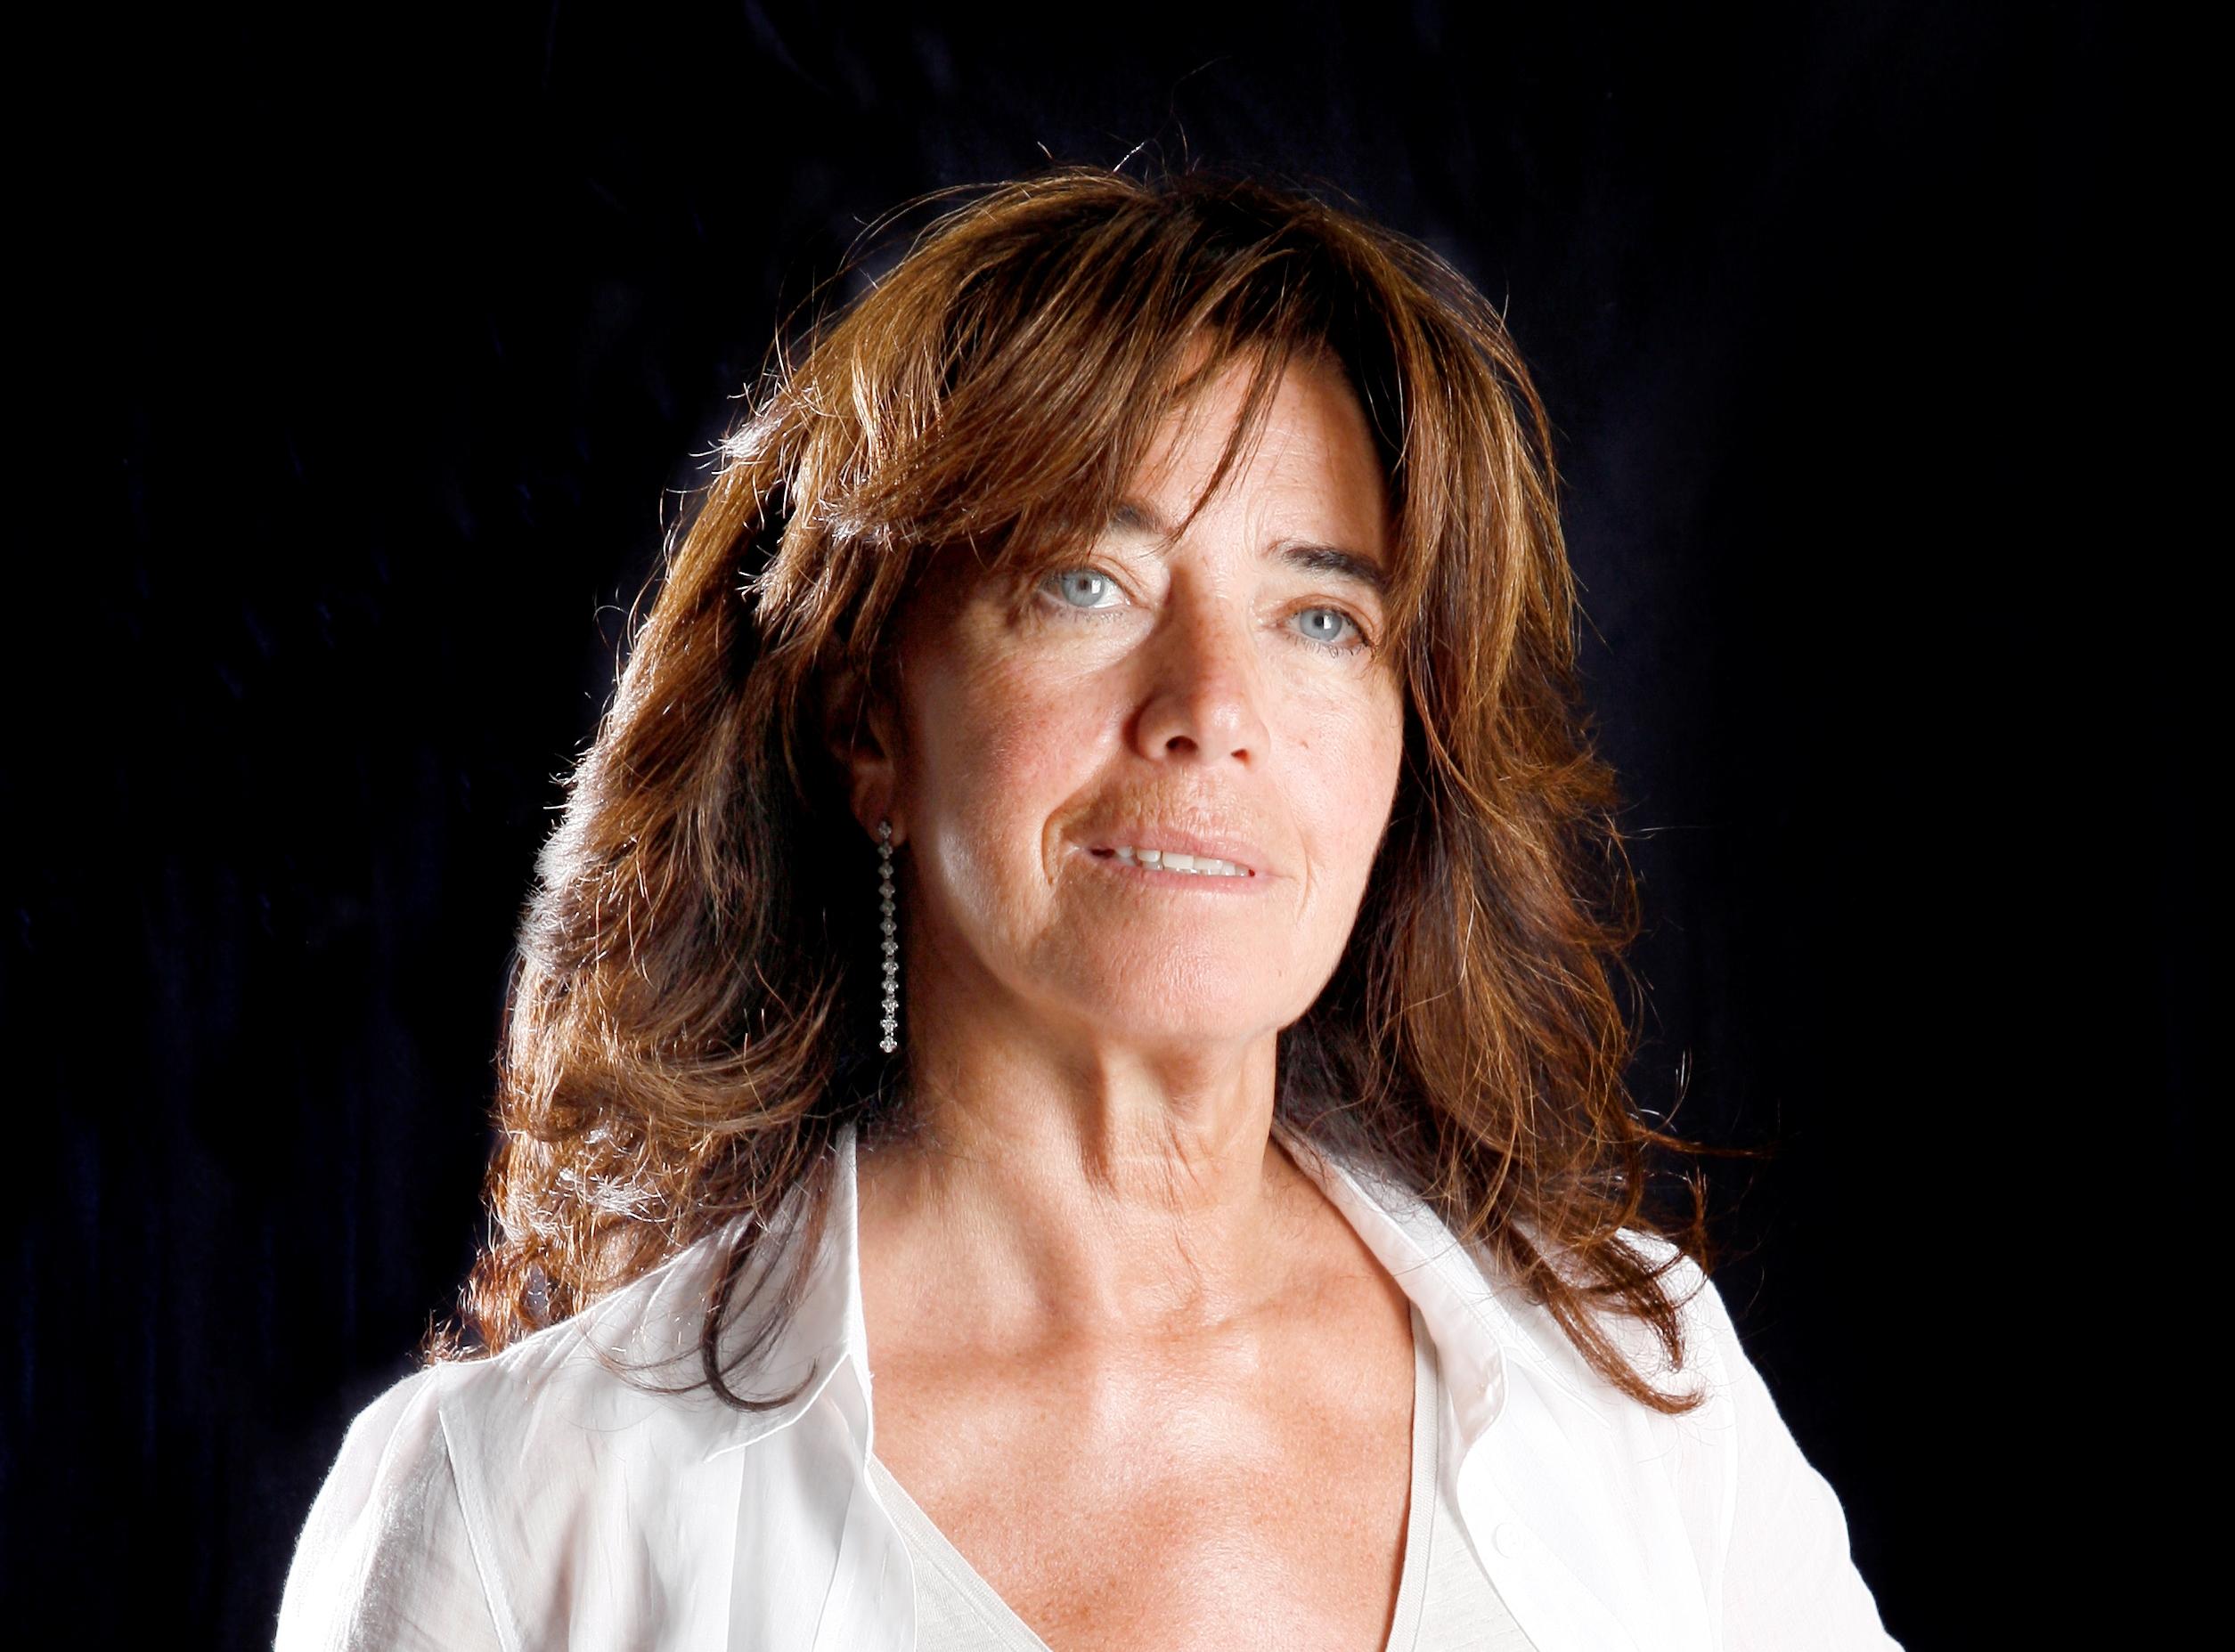 Alida Forte Catella (courtesy COIMA Image)